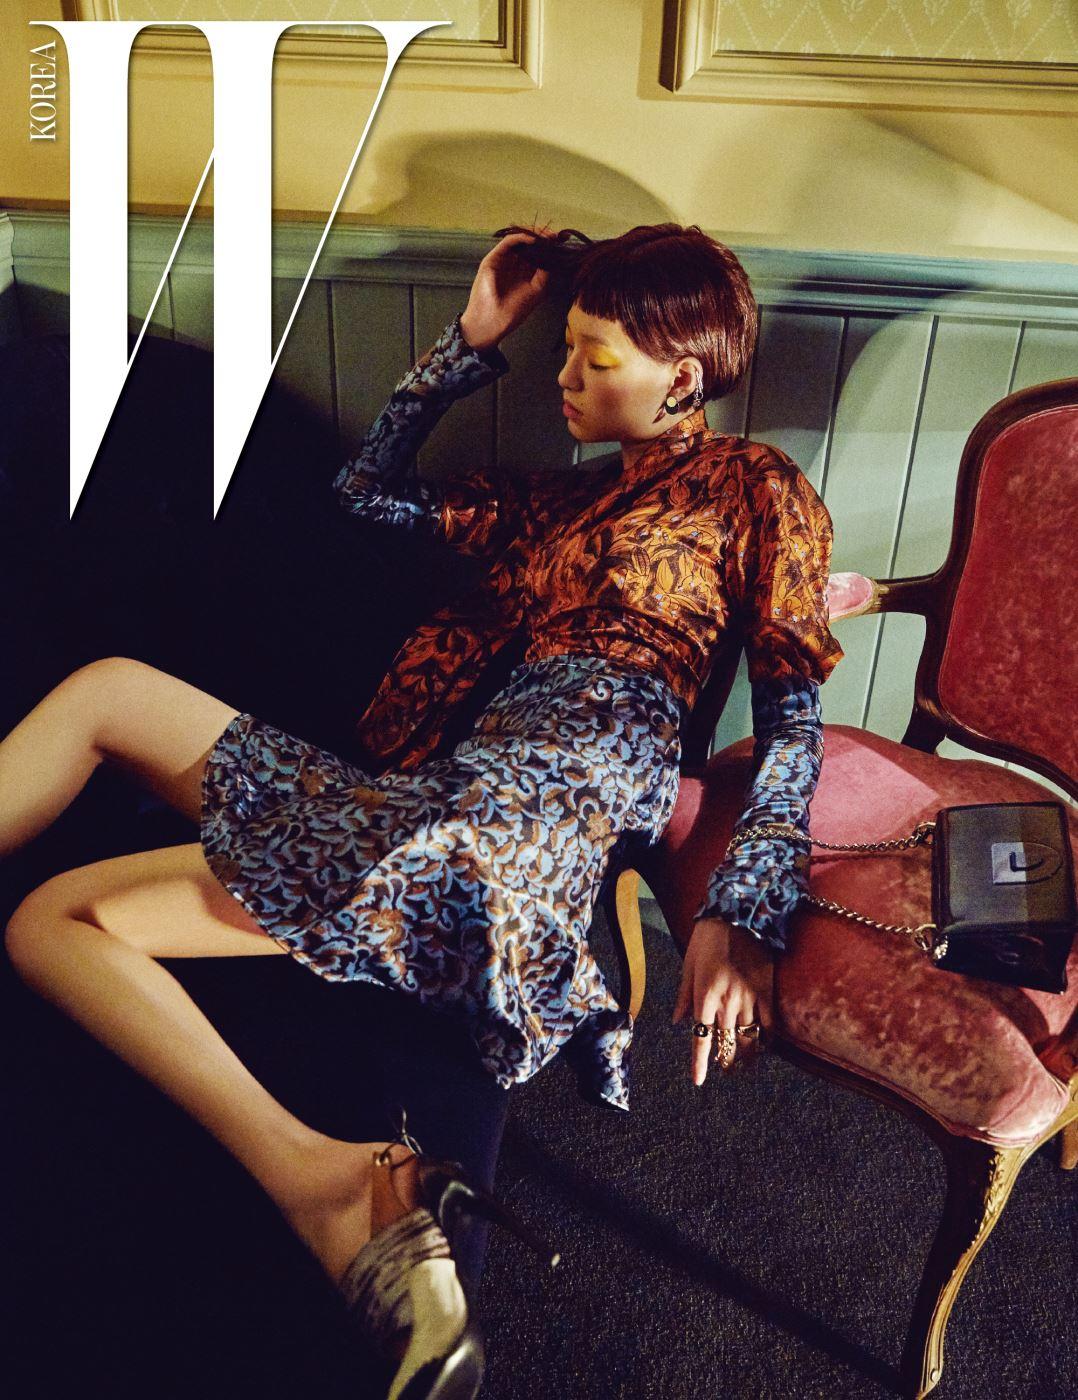 식물 모티프 패턴의 실크 미니 드레스, 레이스업 슬링백 펌프스, 체인 스트랩의 미니 백, 이어링과 드롭 이어커프, 레이어드한 링은 모두 Dior 제품.